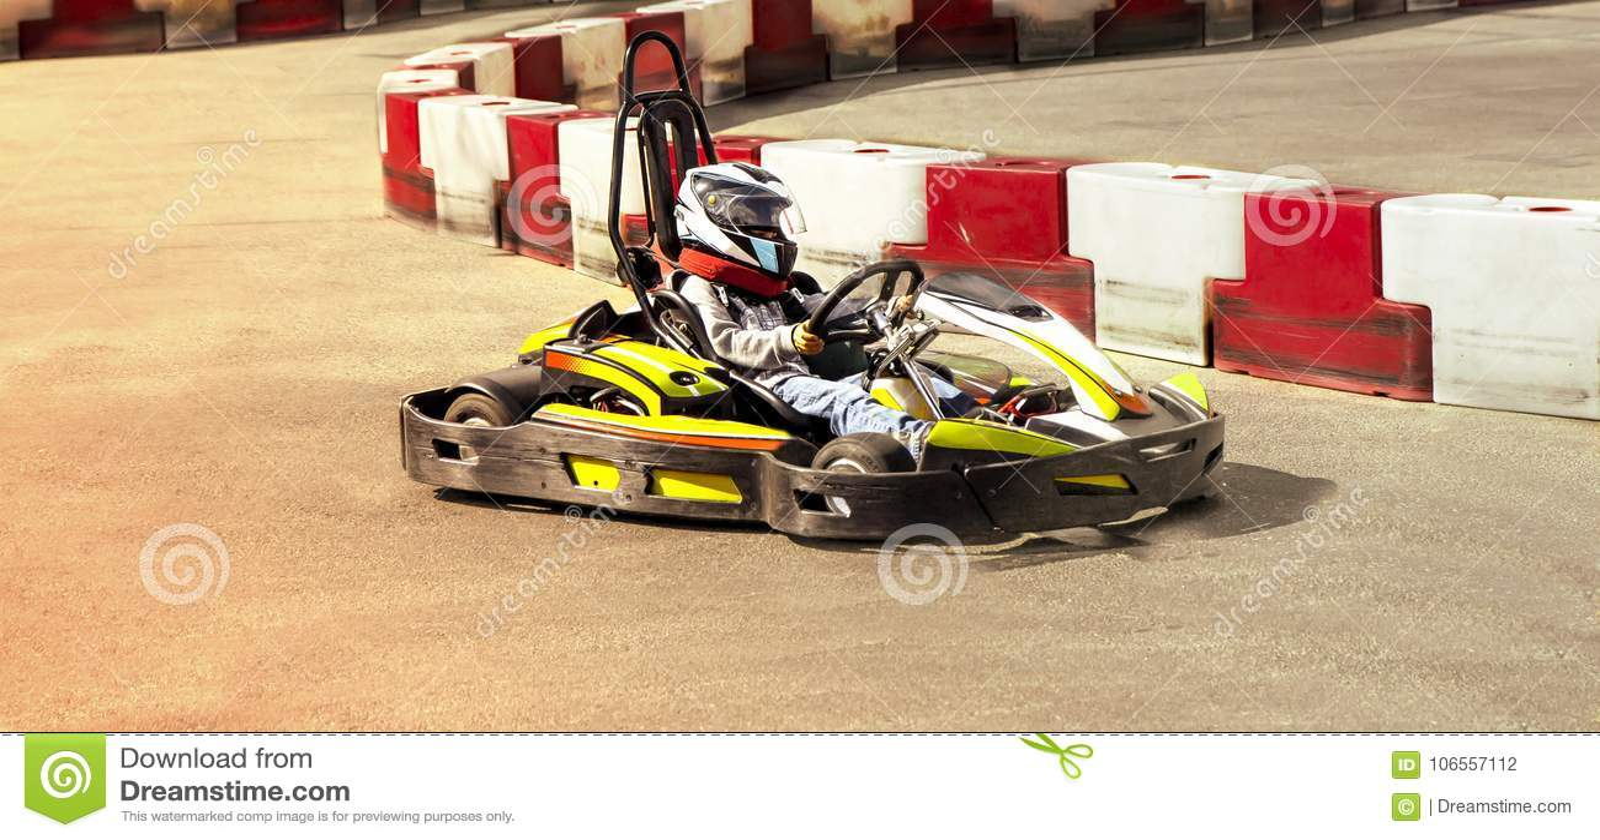 Идет kart, karting оппозиция гонки скорости соперничающая внешняя